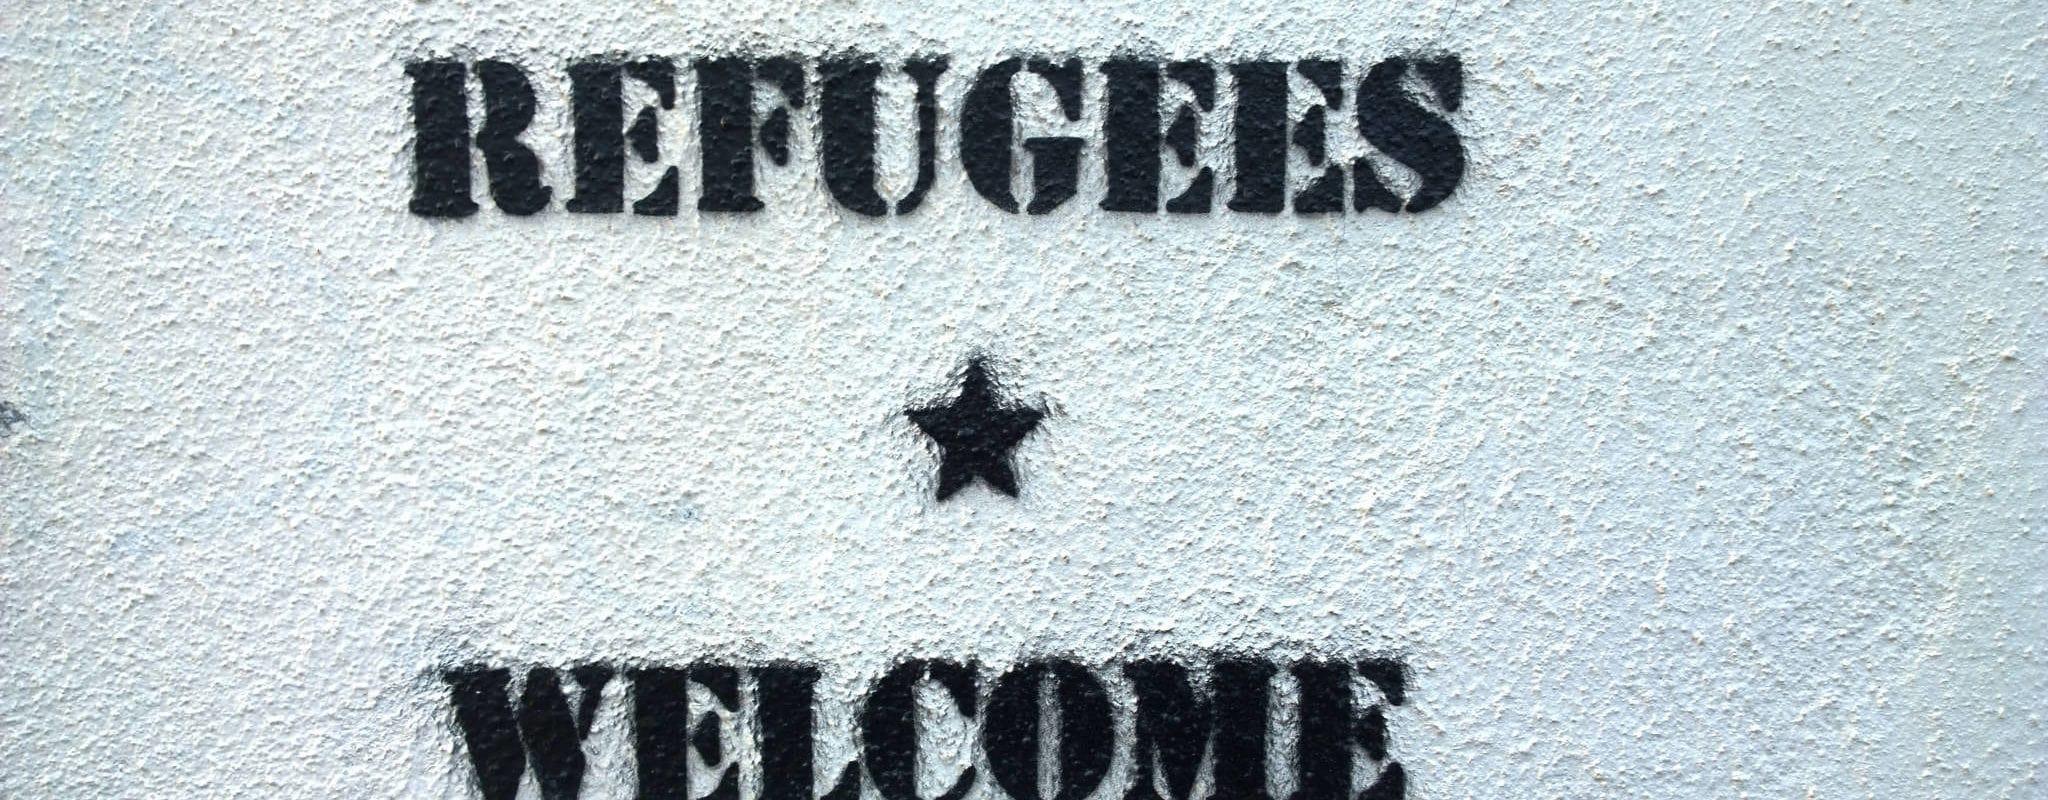 Accueillir des réfugiés chez soi, la solution des Jésuites débarque à Strasbourg